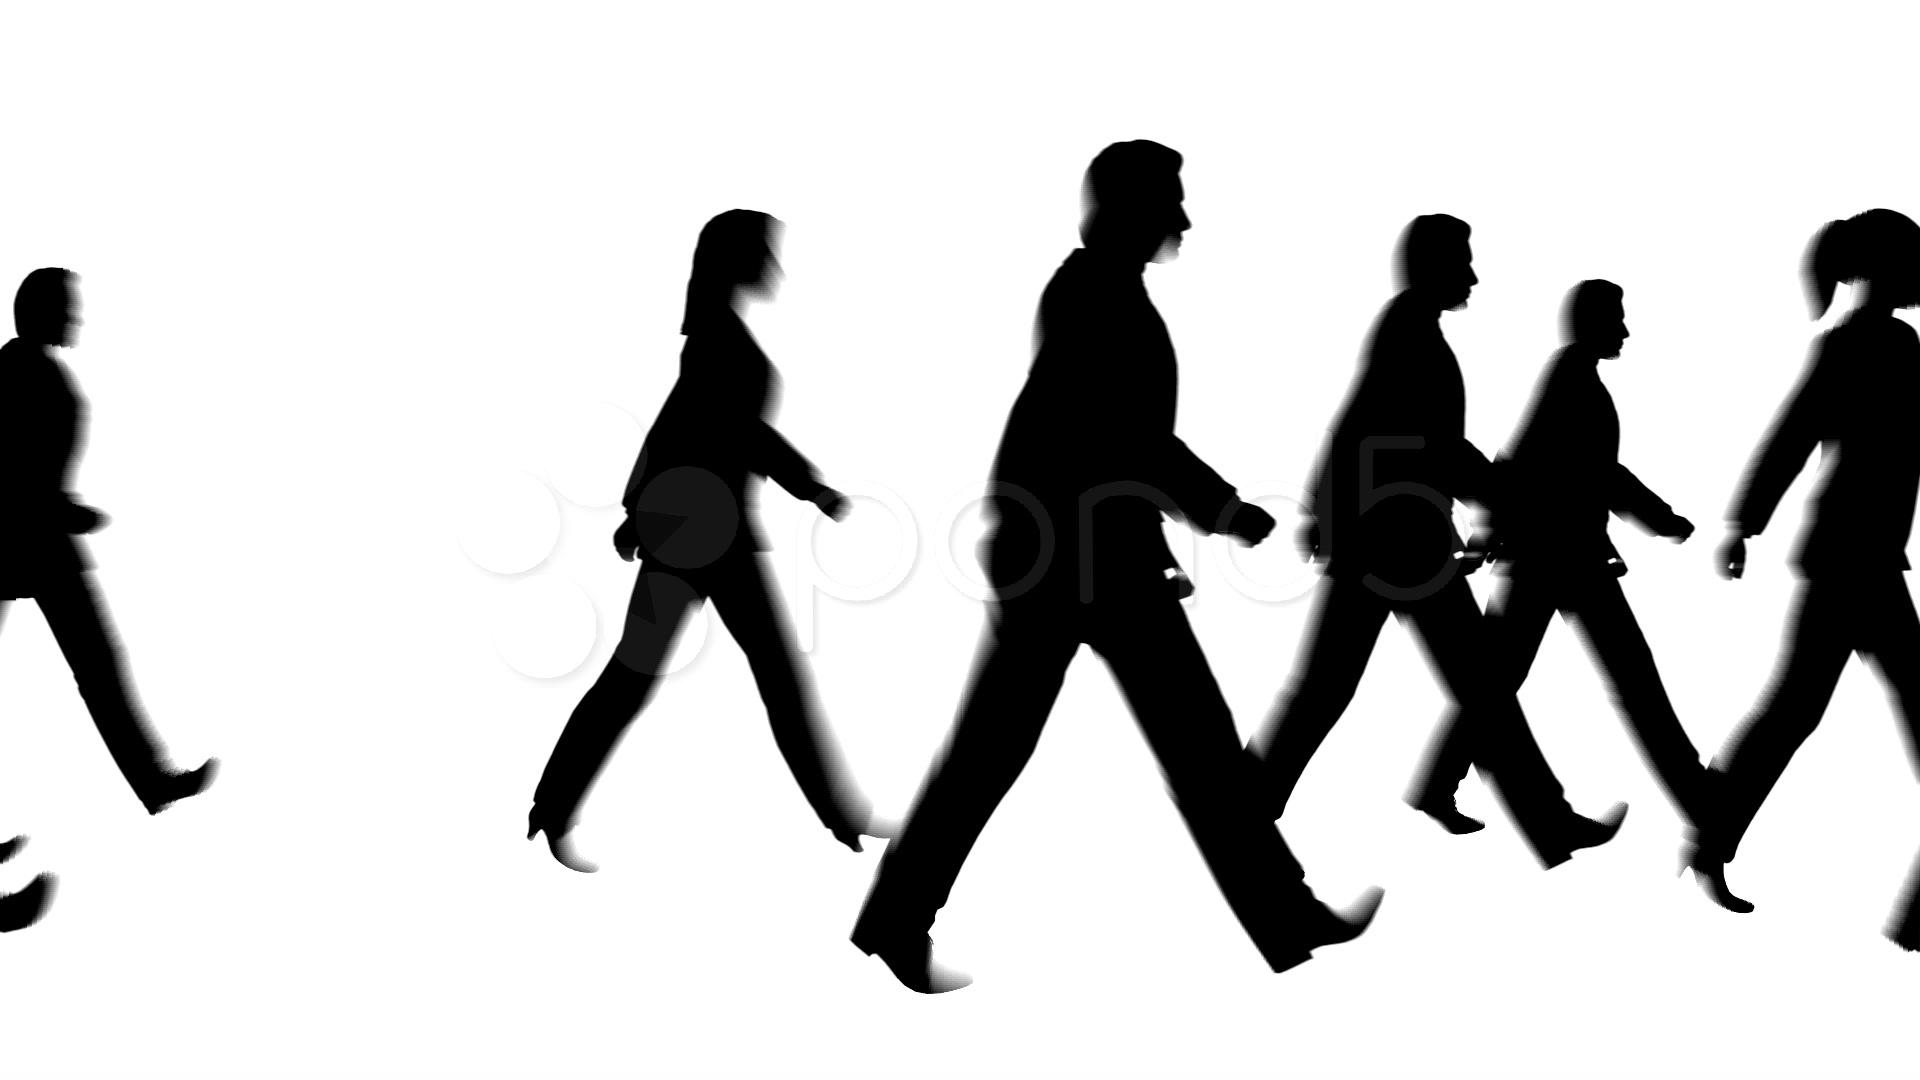 1920x1080 Walking People Silhouette Pedestrian ~ Stock Video